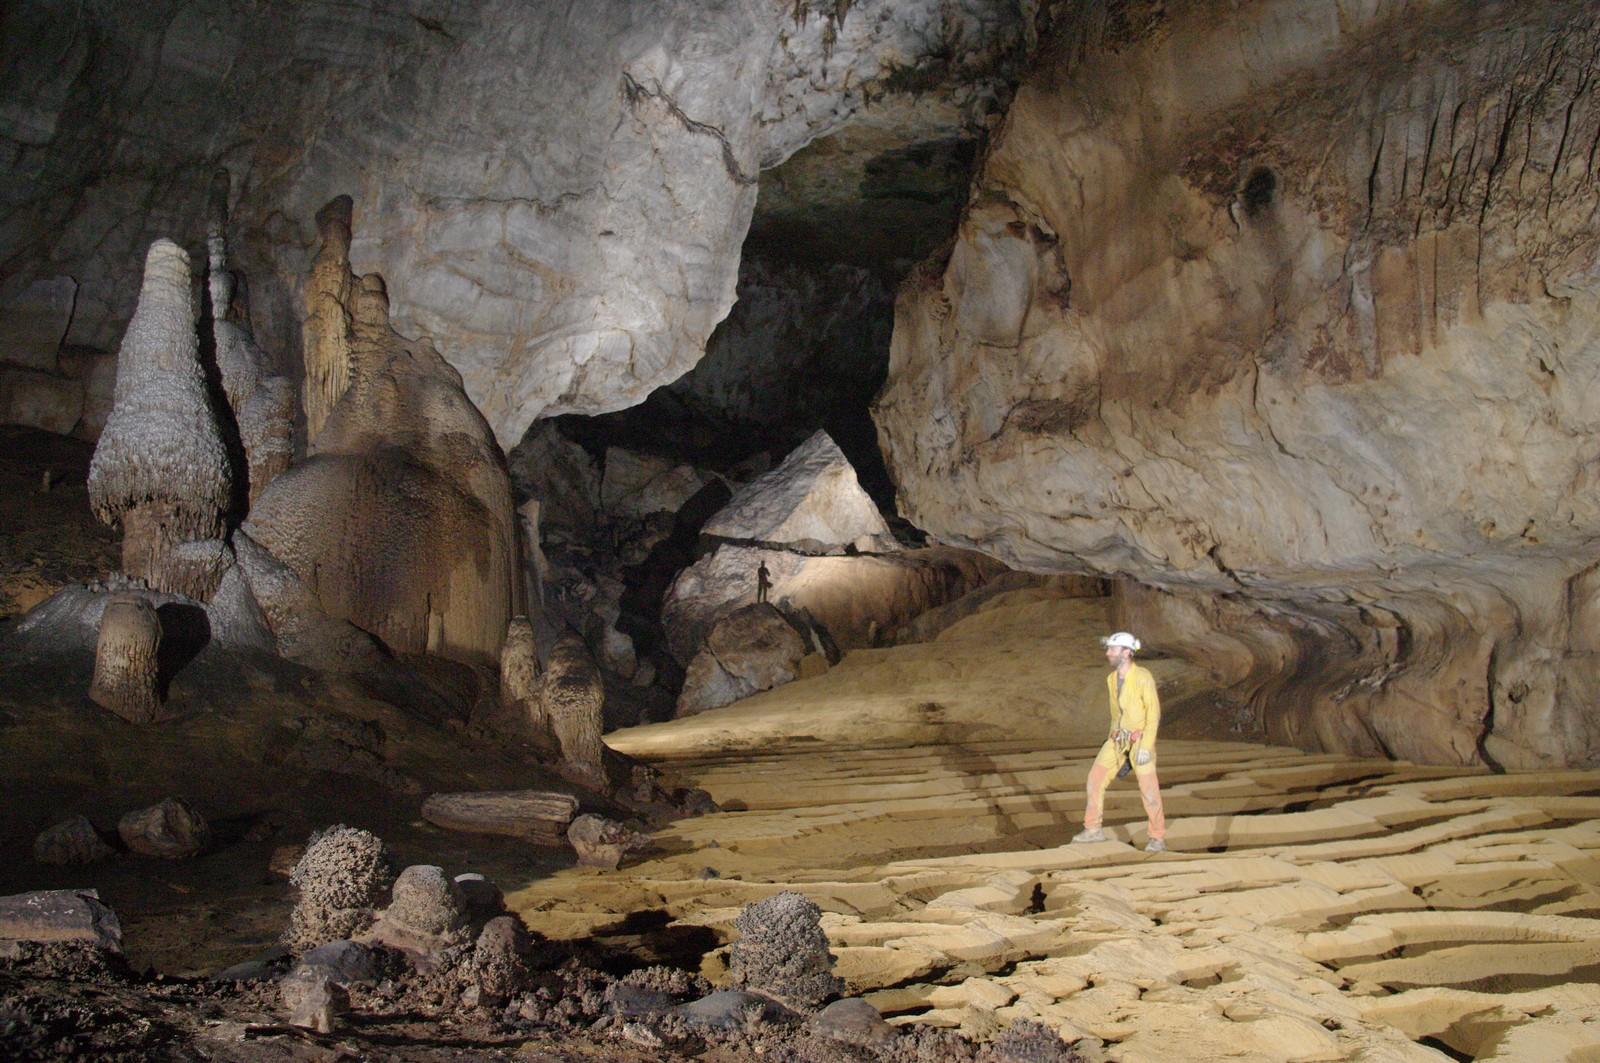 La galleria fossile di Shaowandong (foto Gilles Connes)